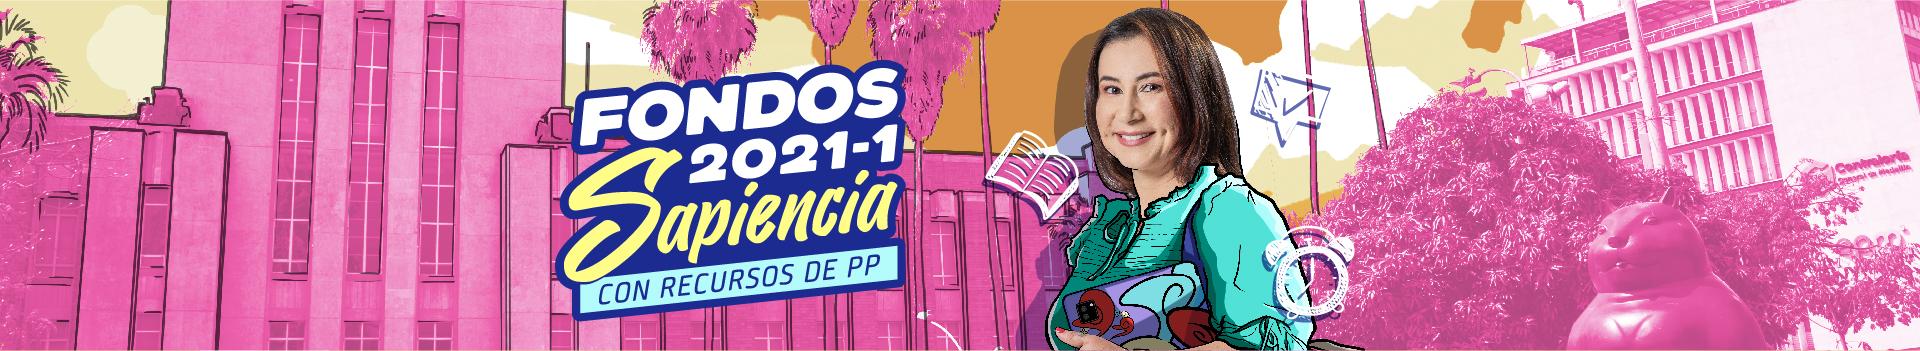 sapiencia_fd-banner-micrositio-pp-1920×350